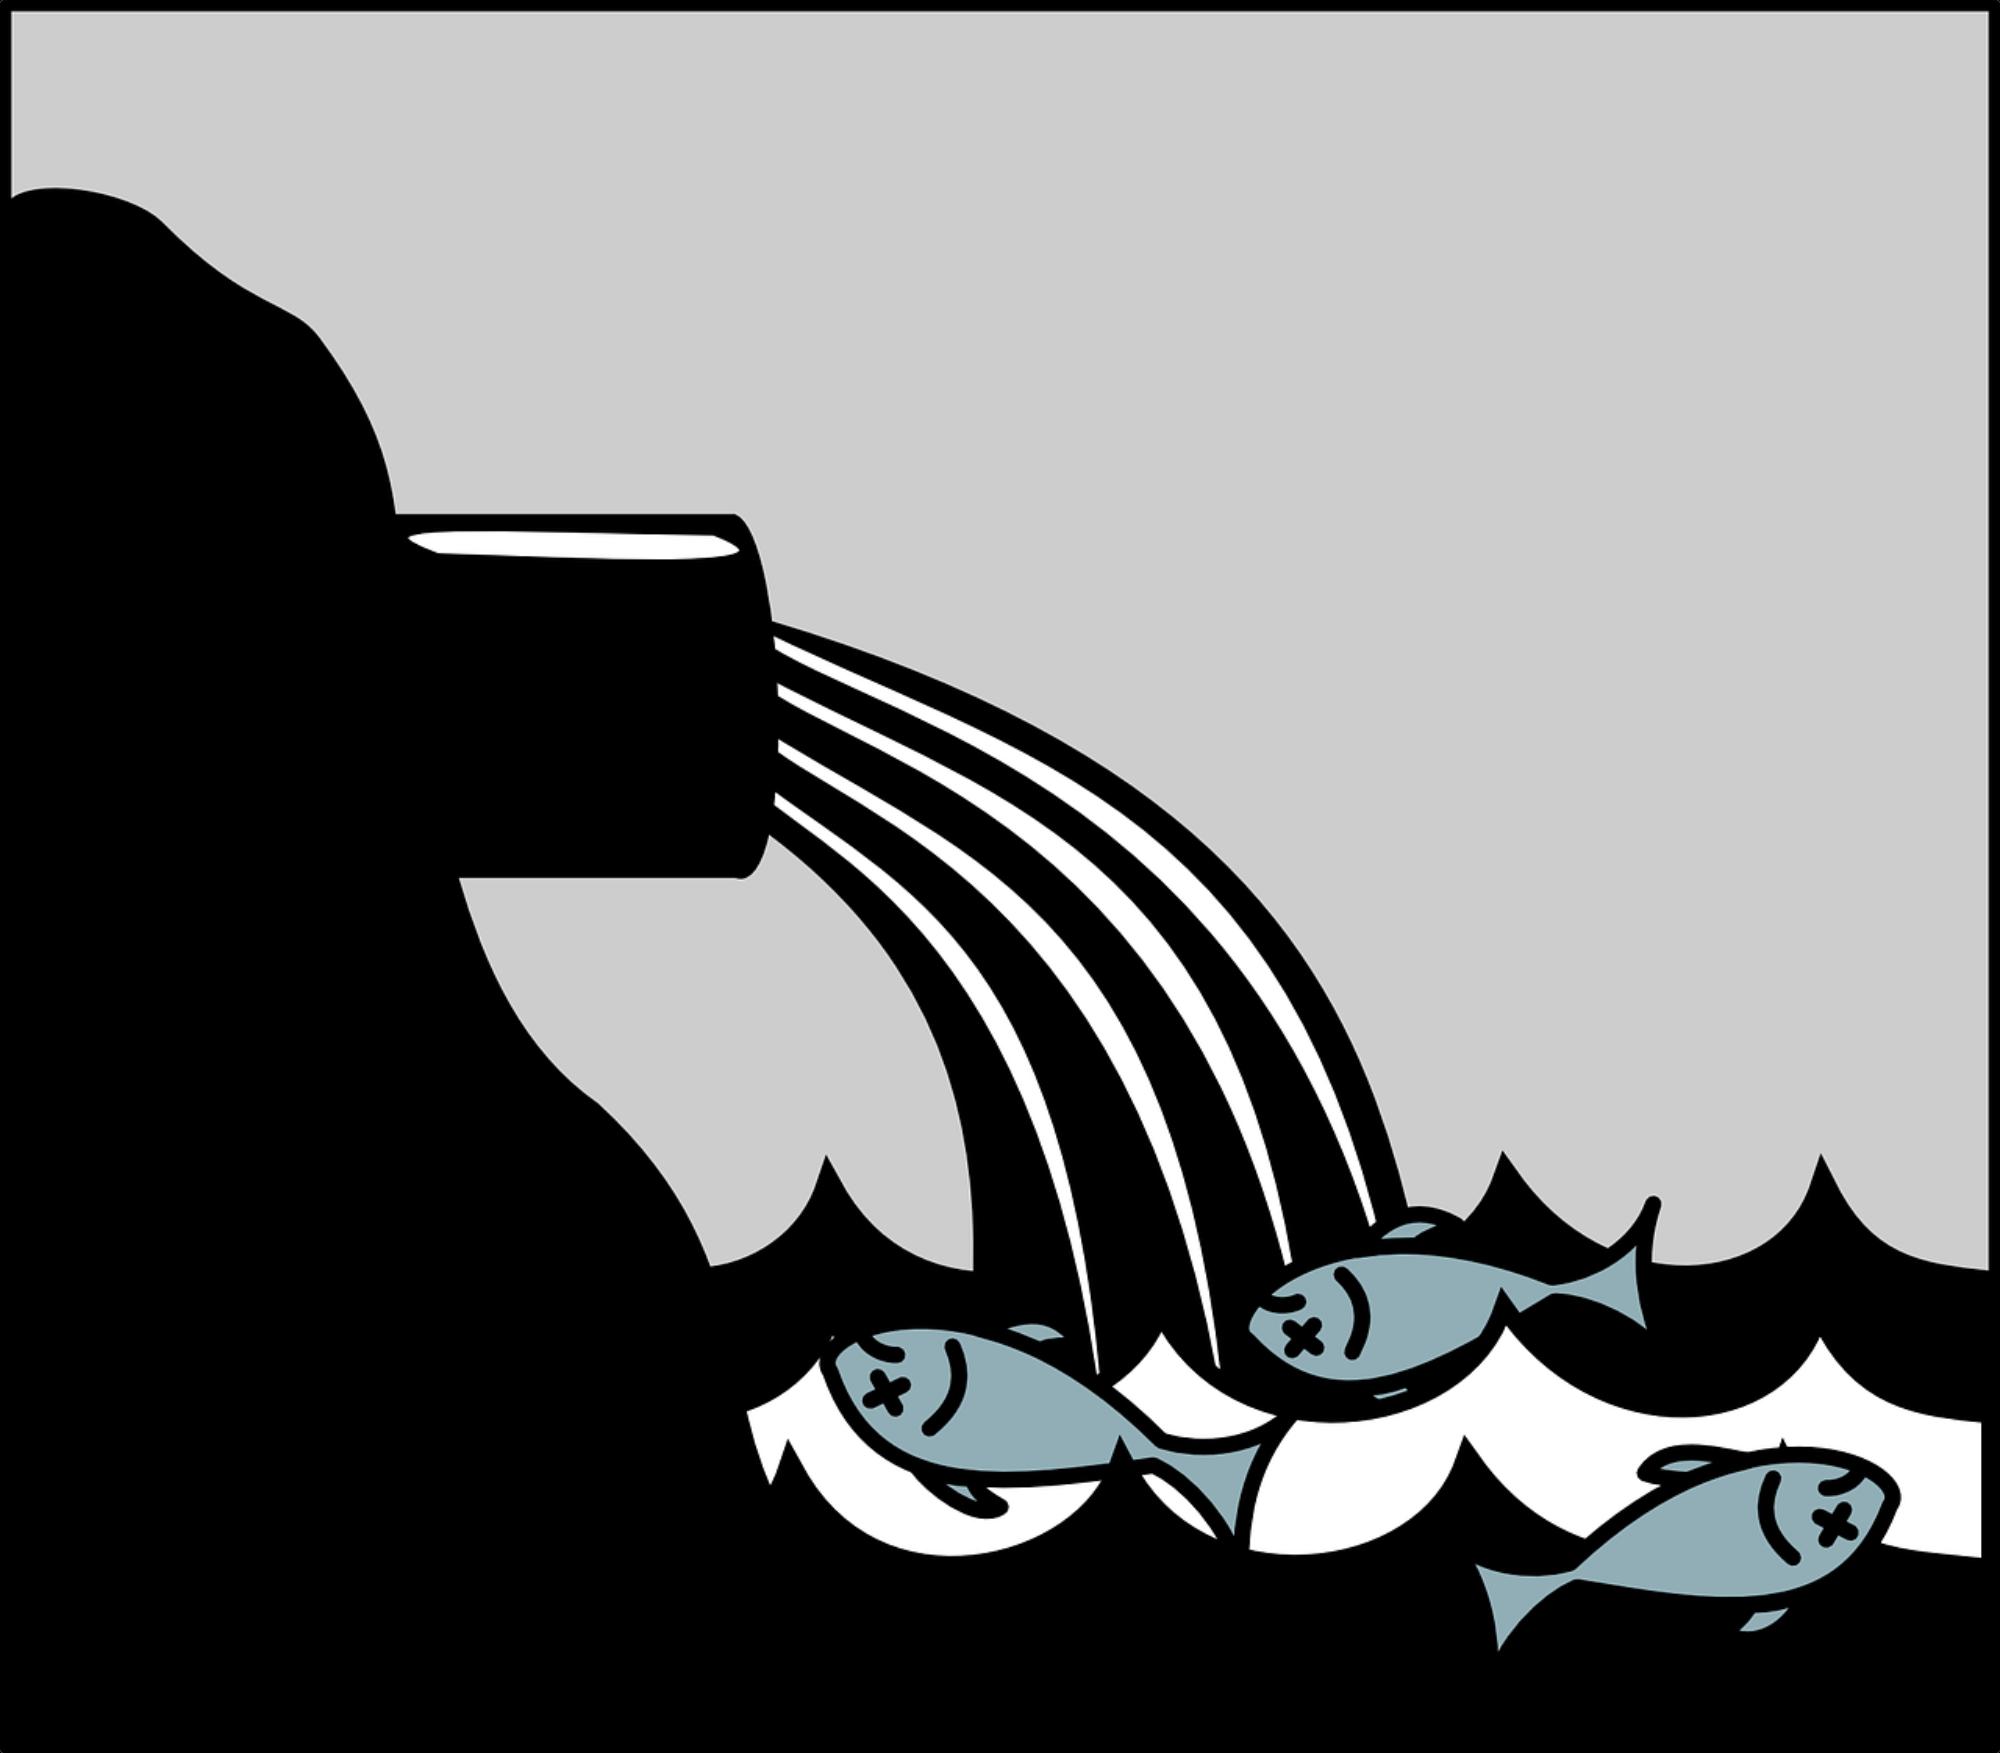 Salzblog - Werra und Weser sollen geopfert werden